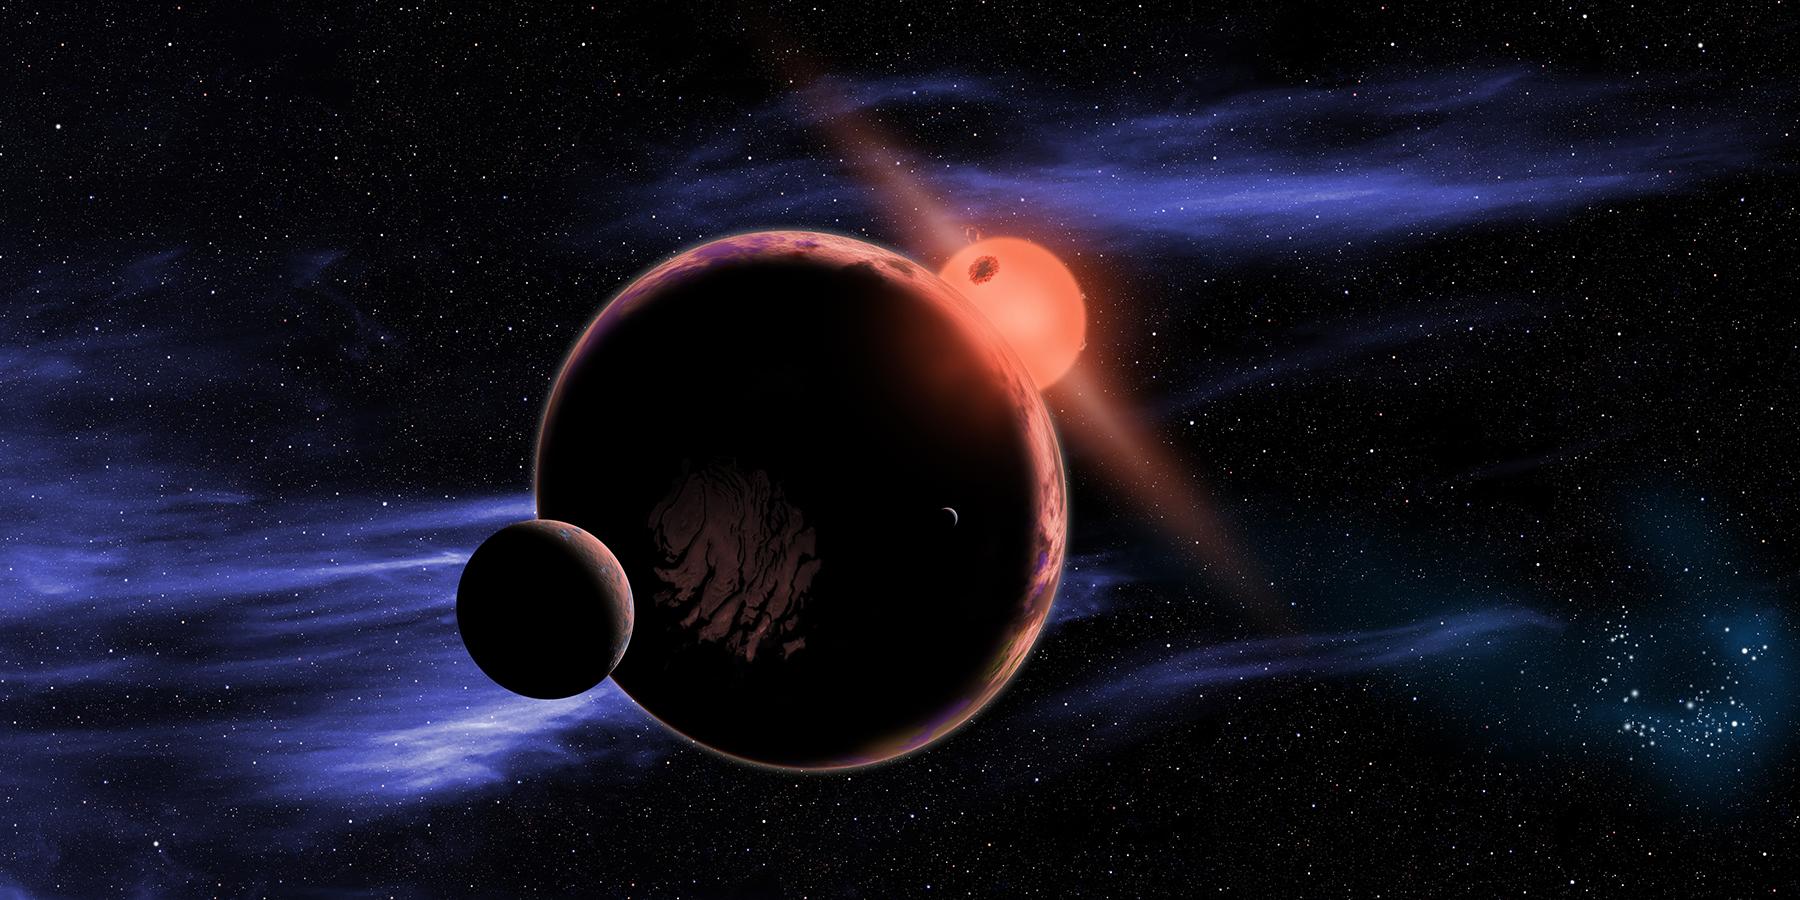 Астрономы обнаружили свехплотную и«раздутую» планету класса юпитеров